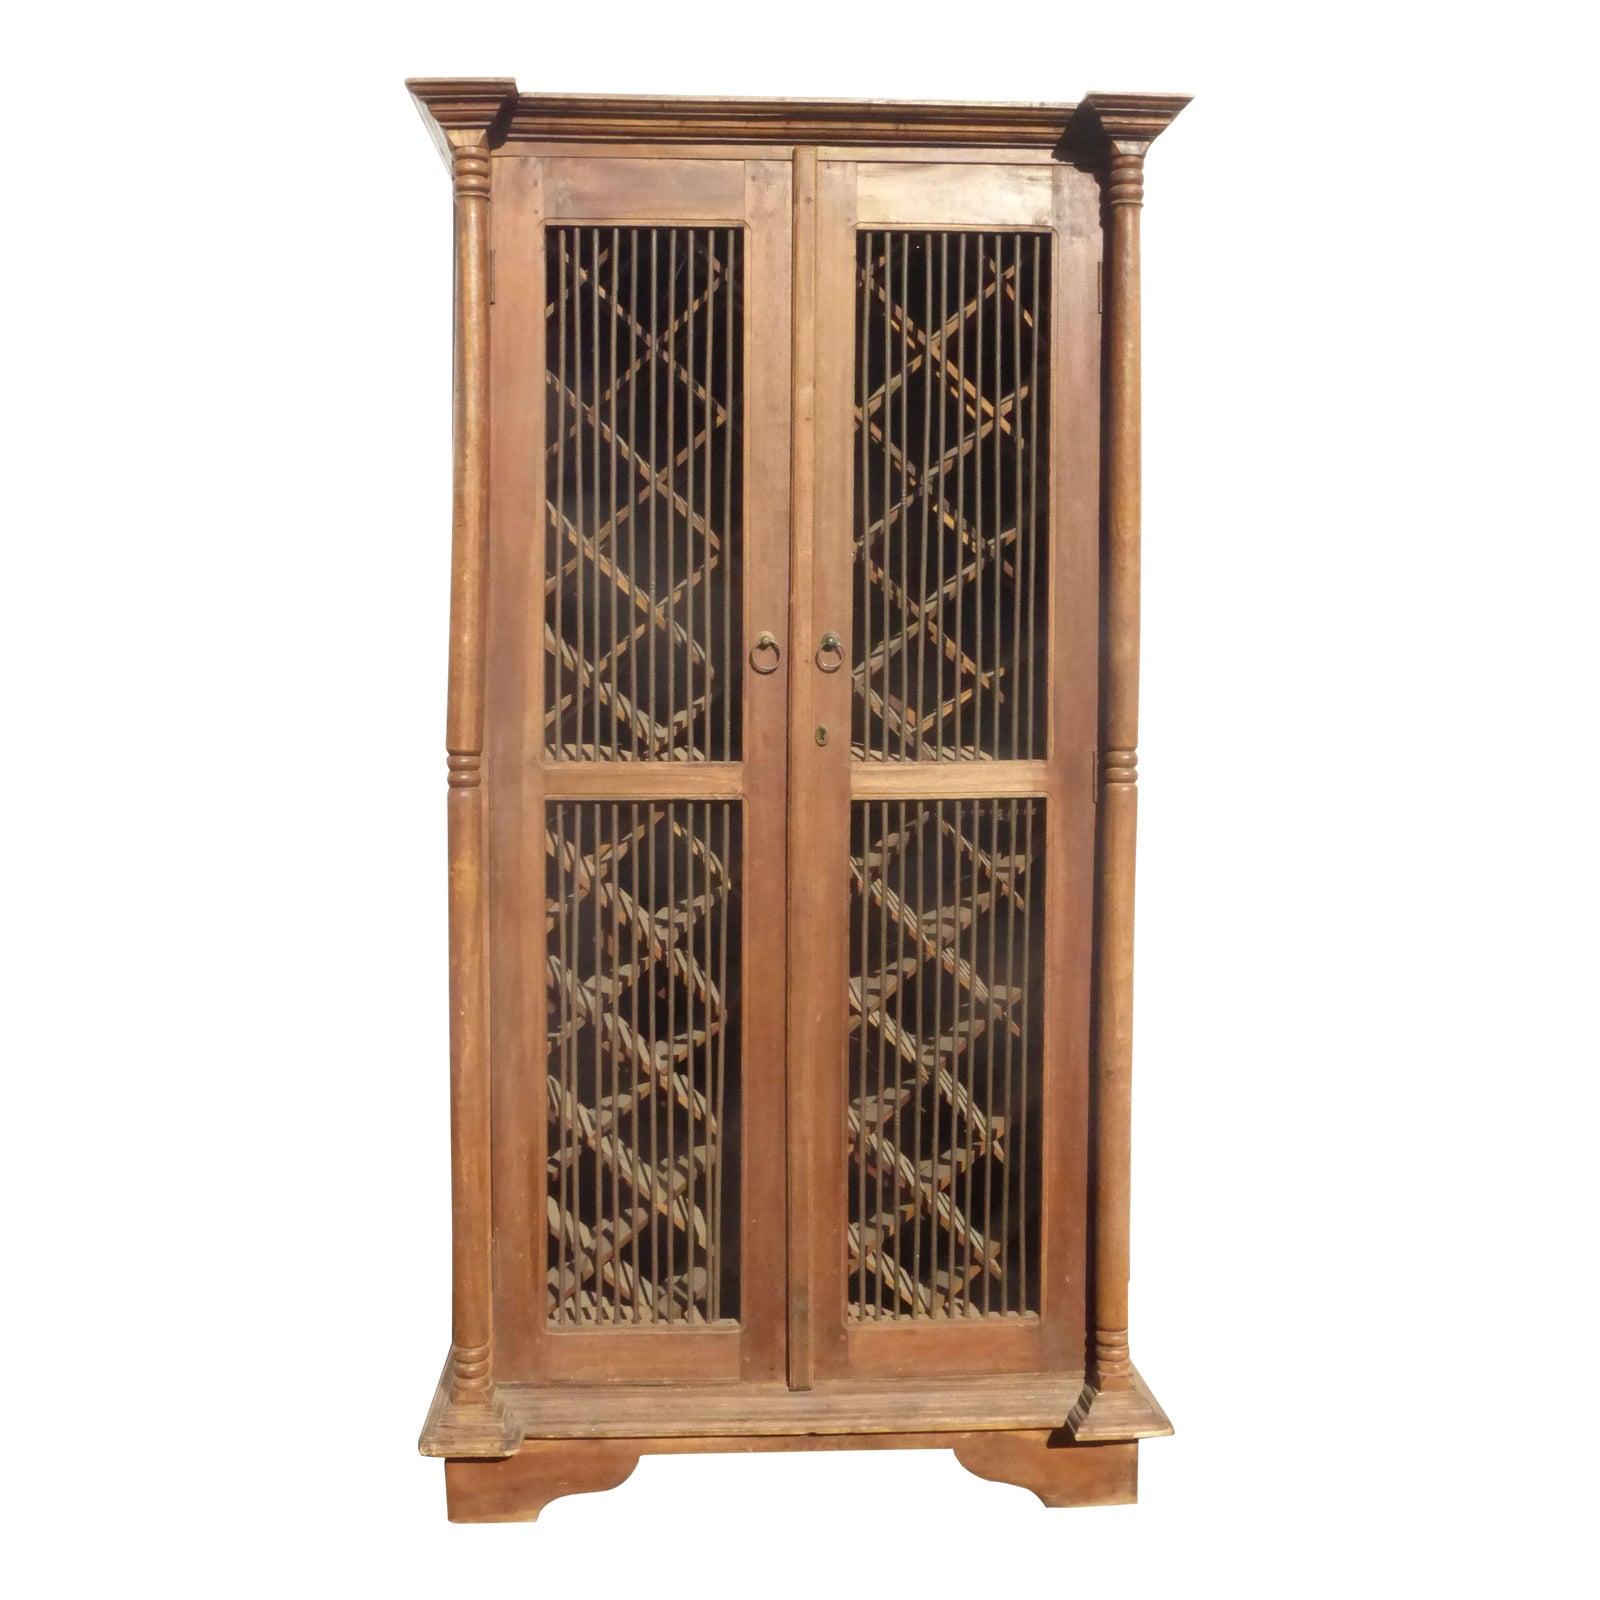 Kitchen Cabinets Santa Ana: Teak Wood Rustic Spanish Style Wine Rack Cabinet